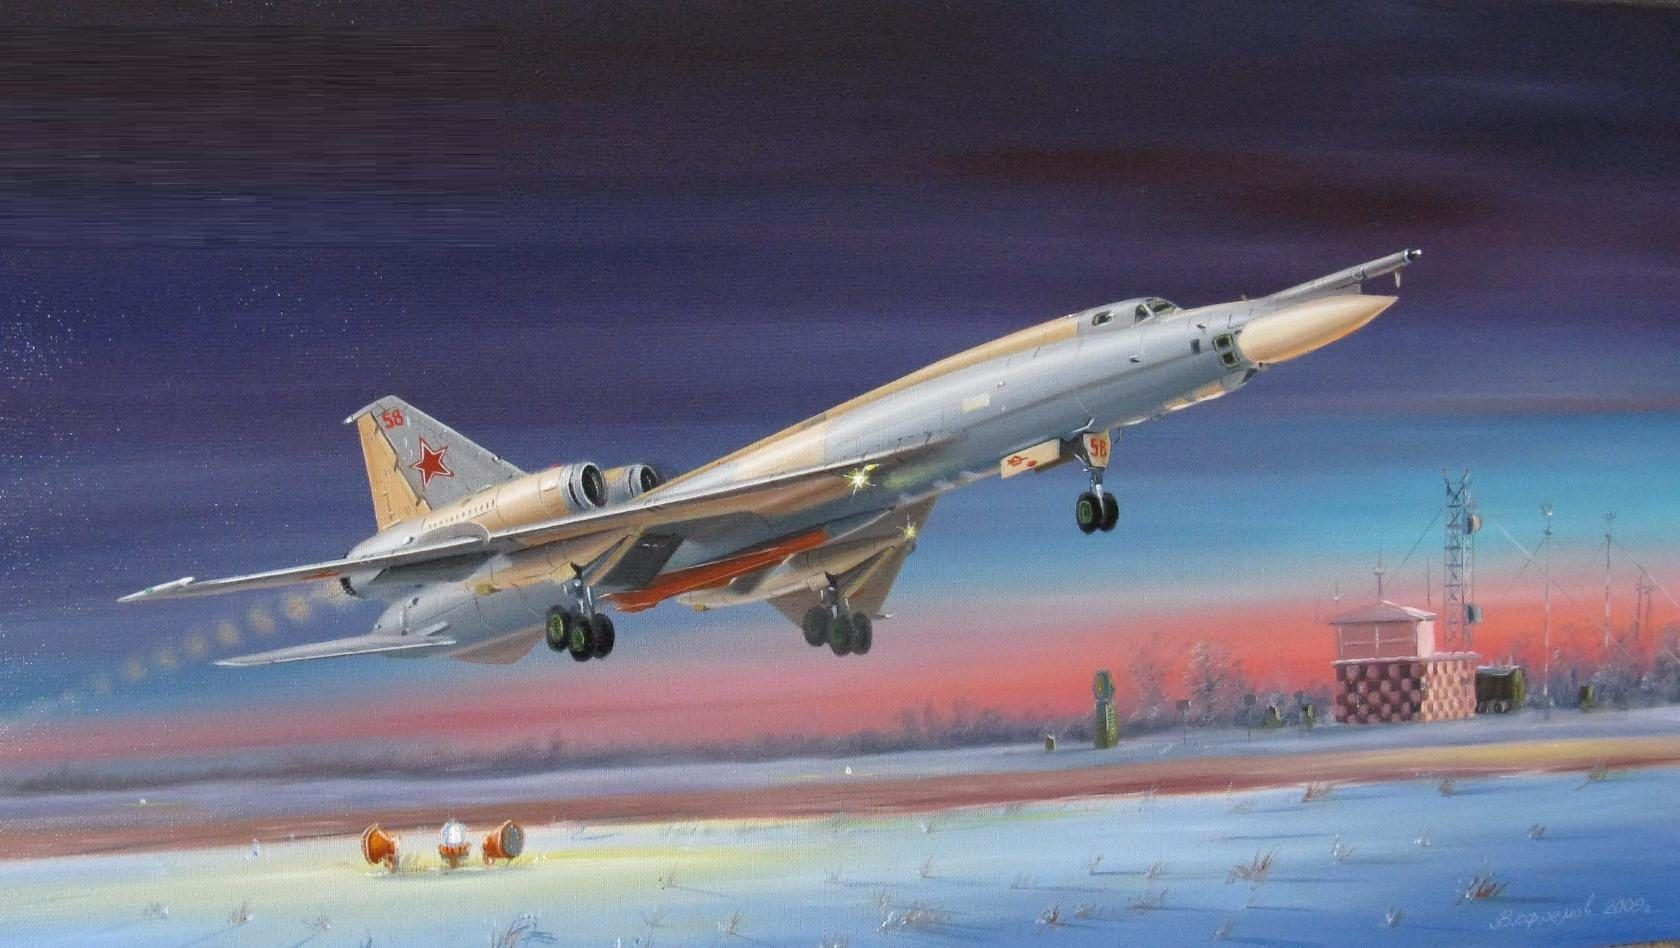 Картинки на тему авиация и космос, свадьбу открытка